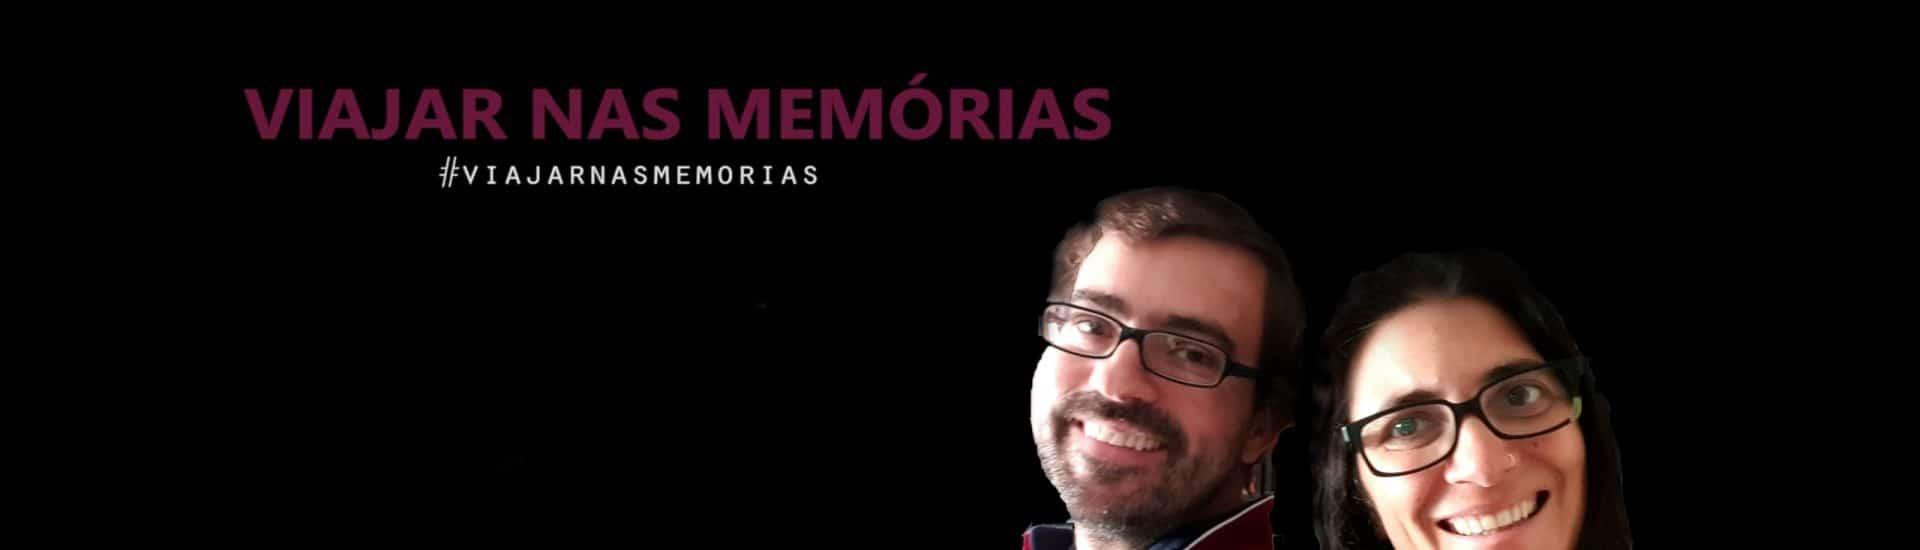 VIAJAR NAS MEMÓRIAS | Uma rubrica para viajar em casa através de filmes, livros e objectos de viagem